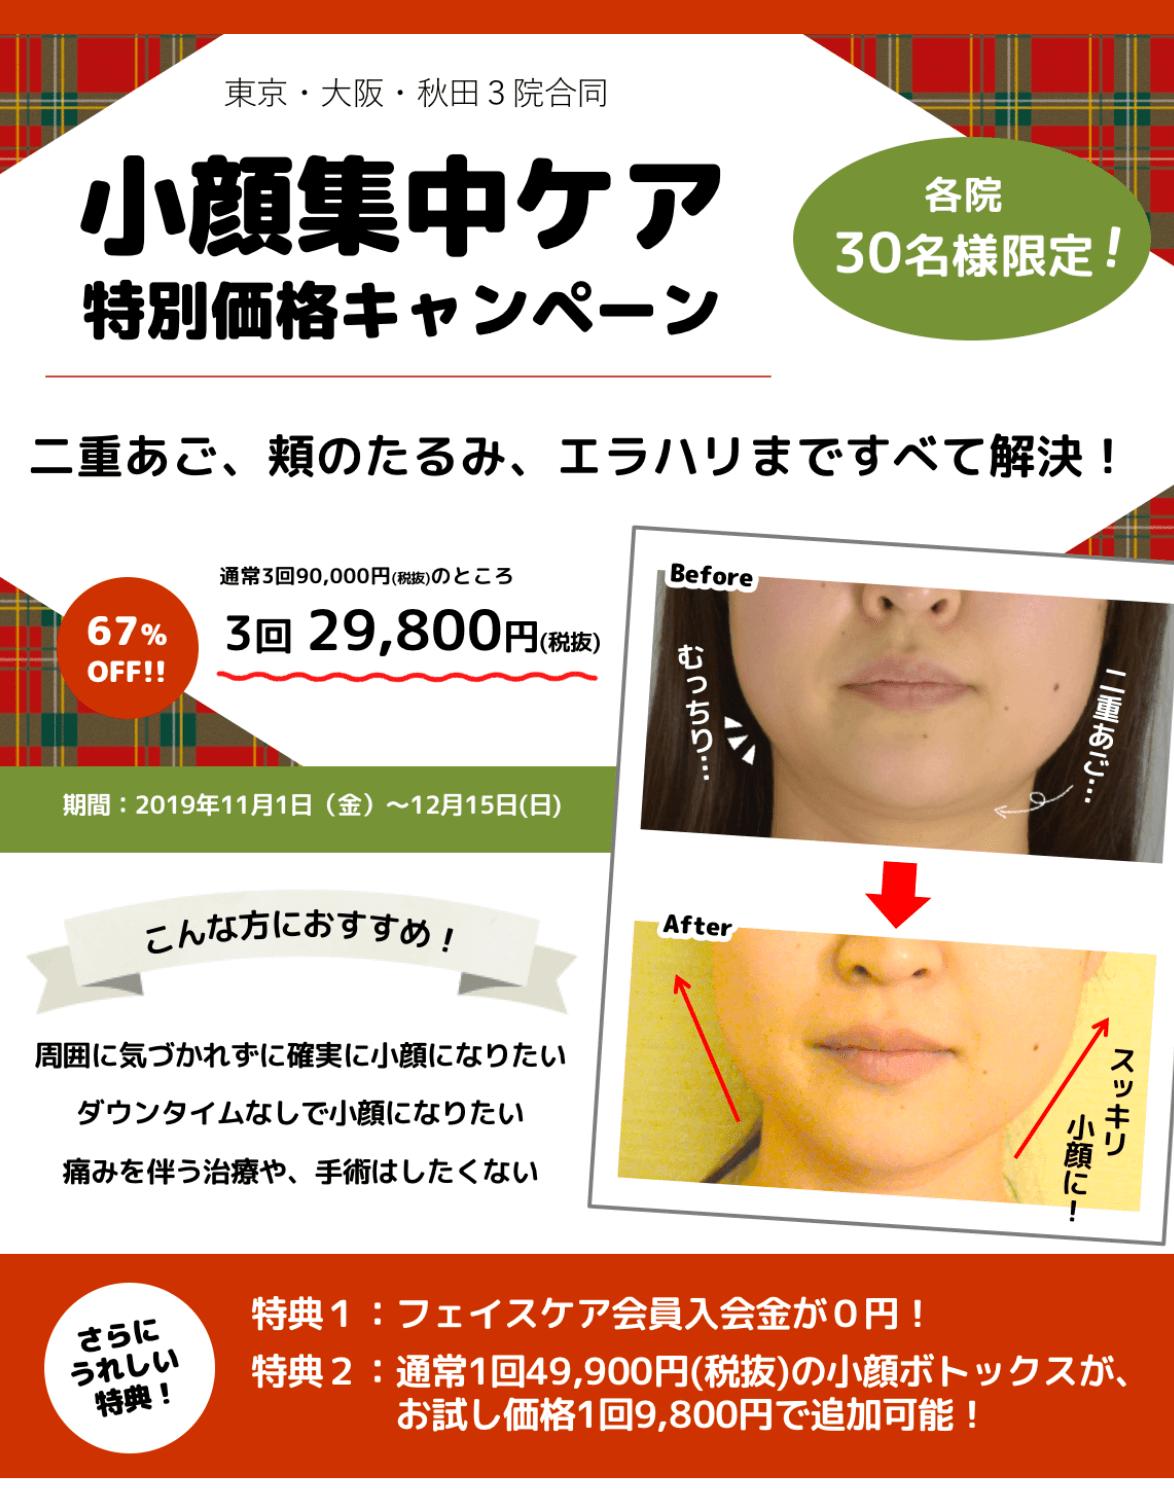 小顔キャンペーン